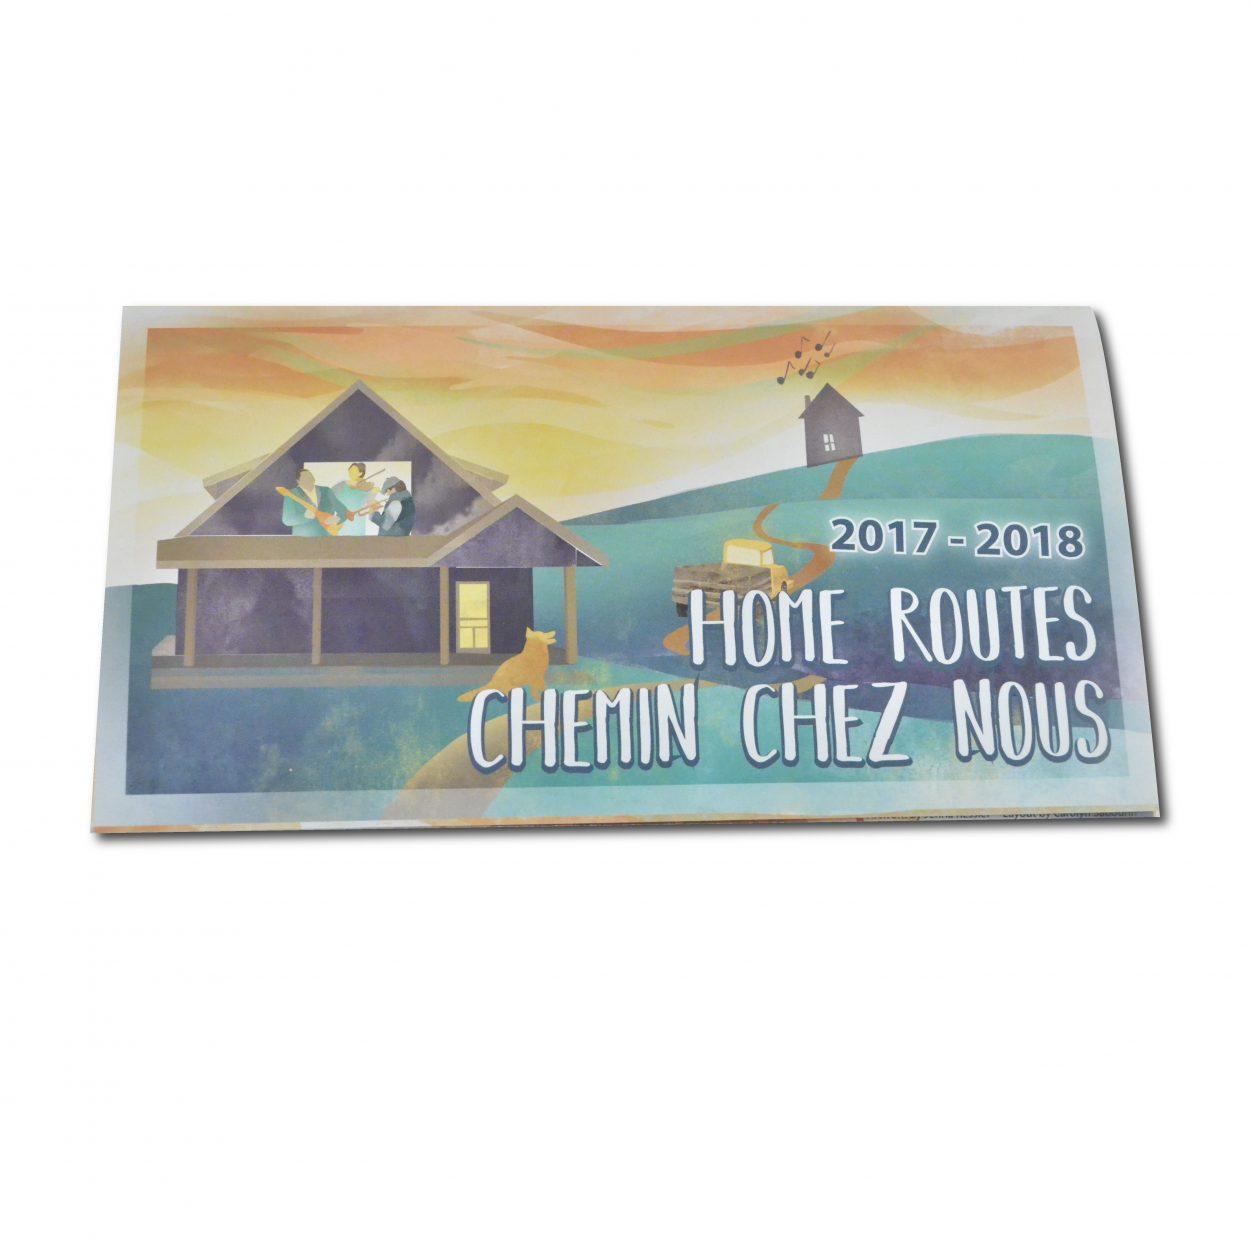 Home Routes / Chemin Chez Nous